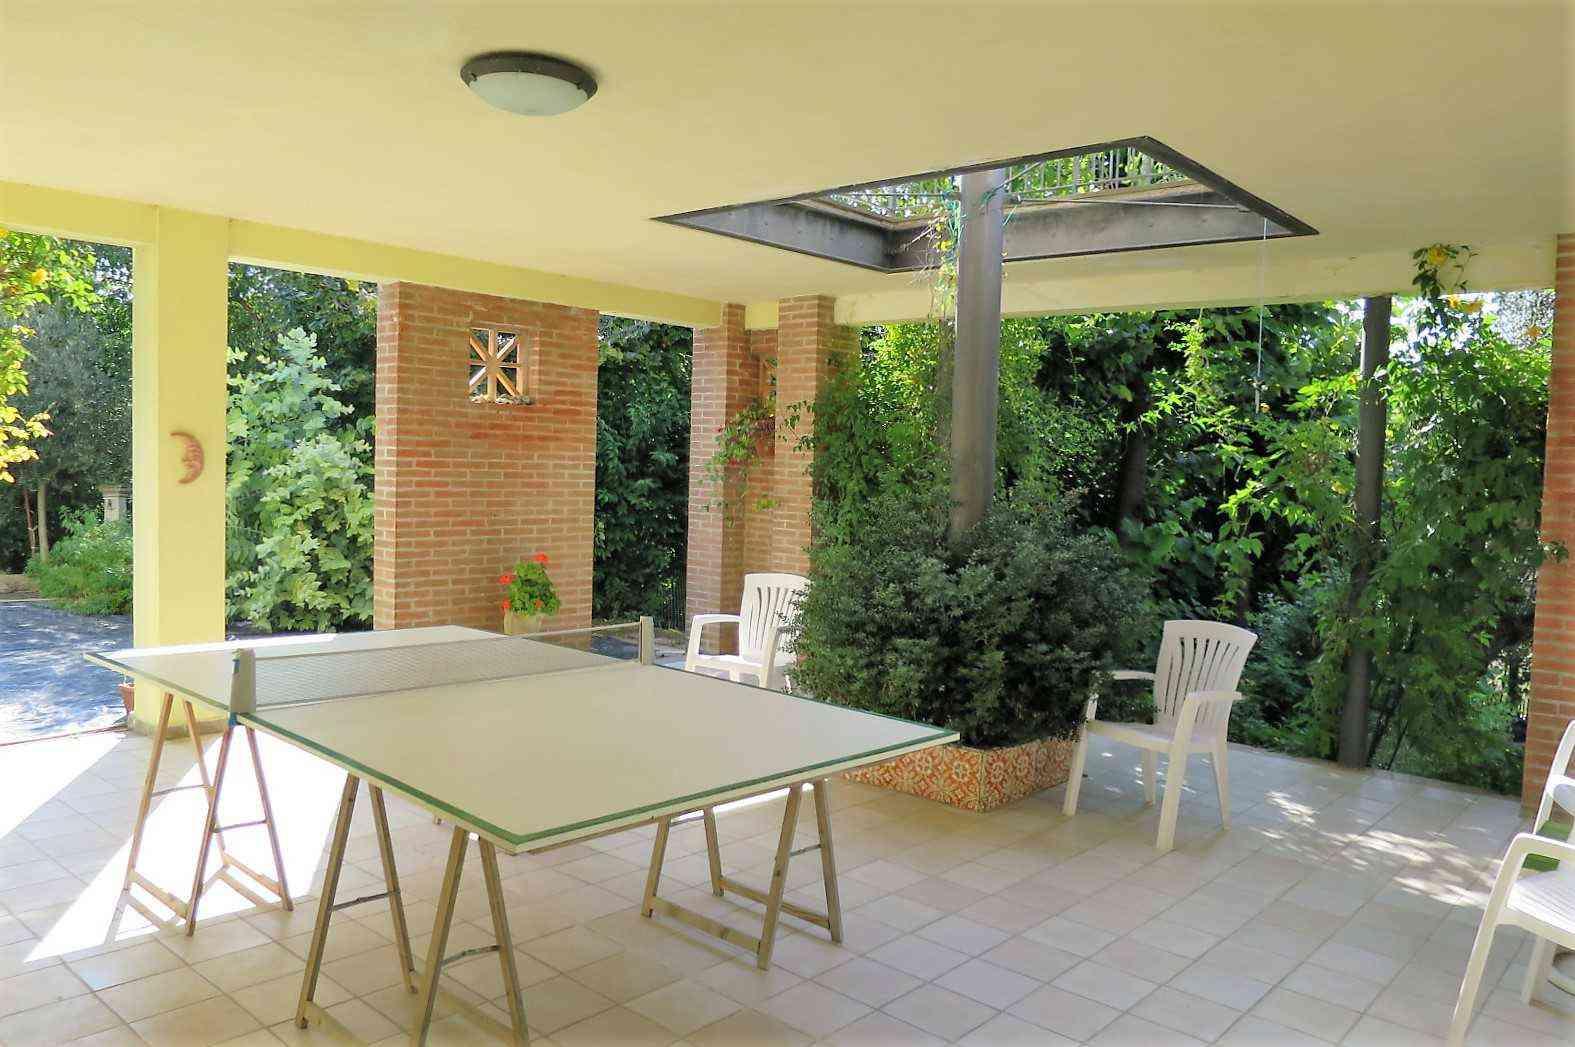 Villa Villa for sale Atri (TE), Villa Paola - Atri - EUR 473.281 140